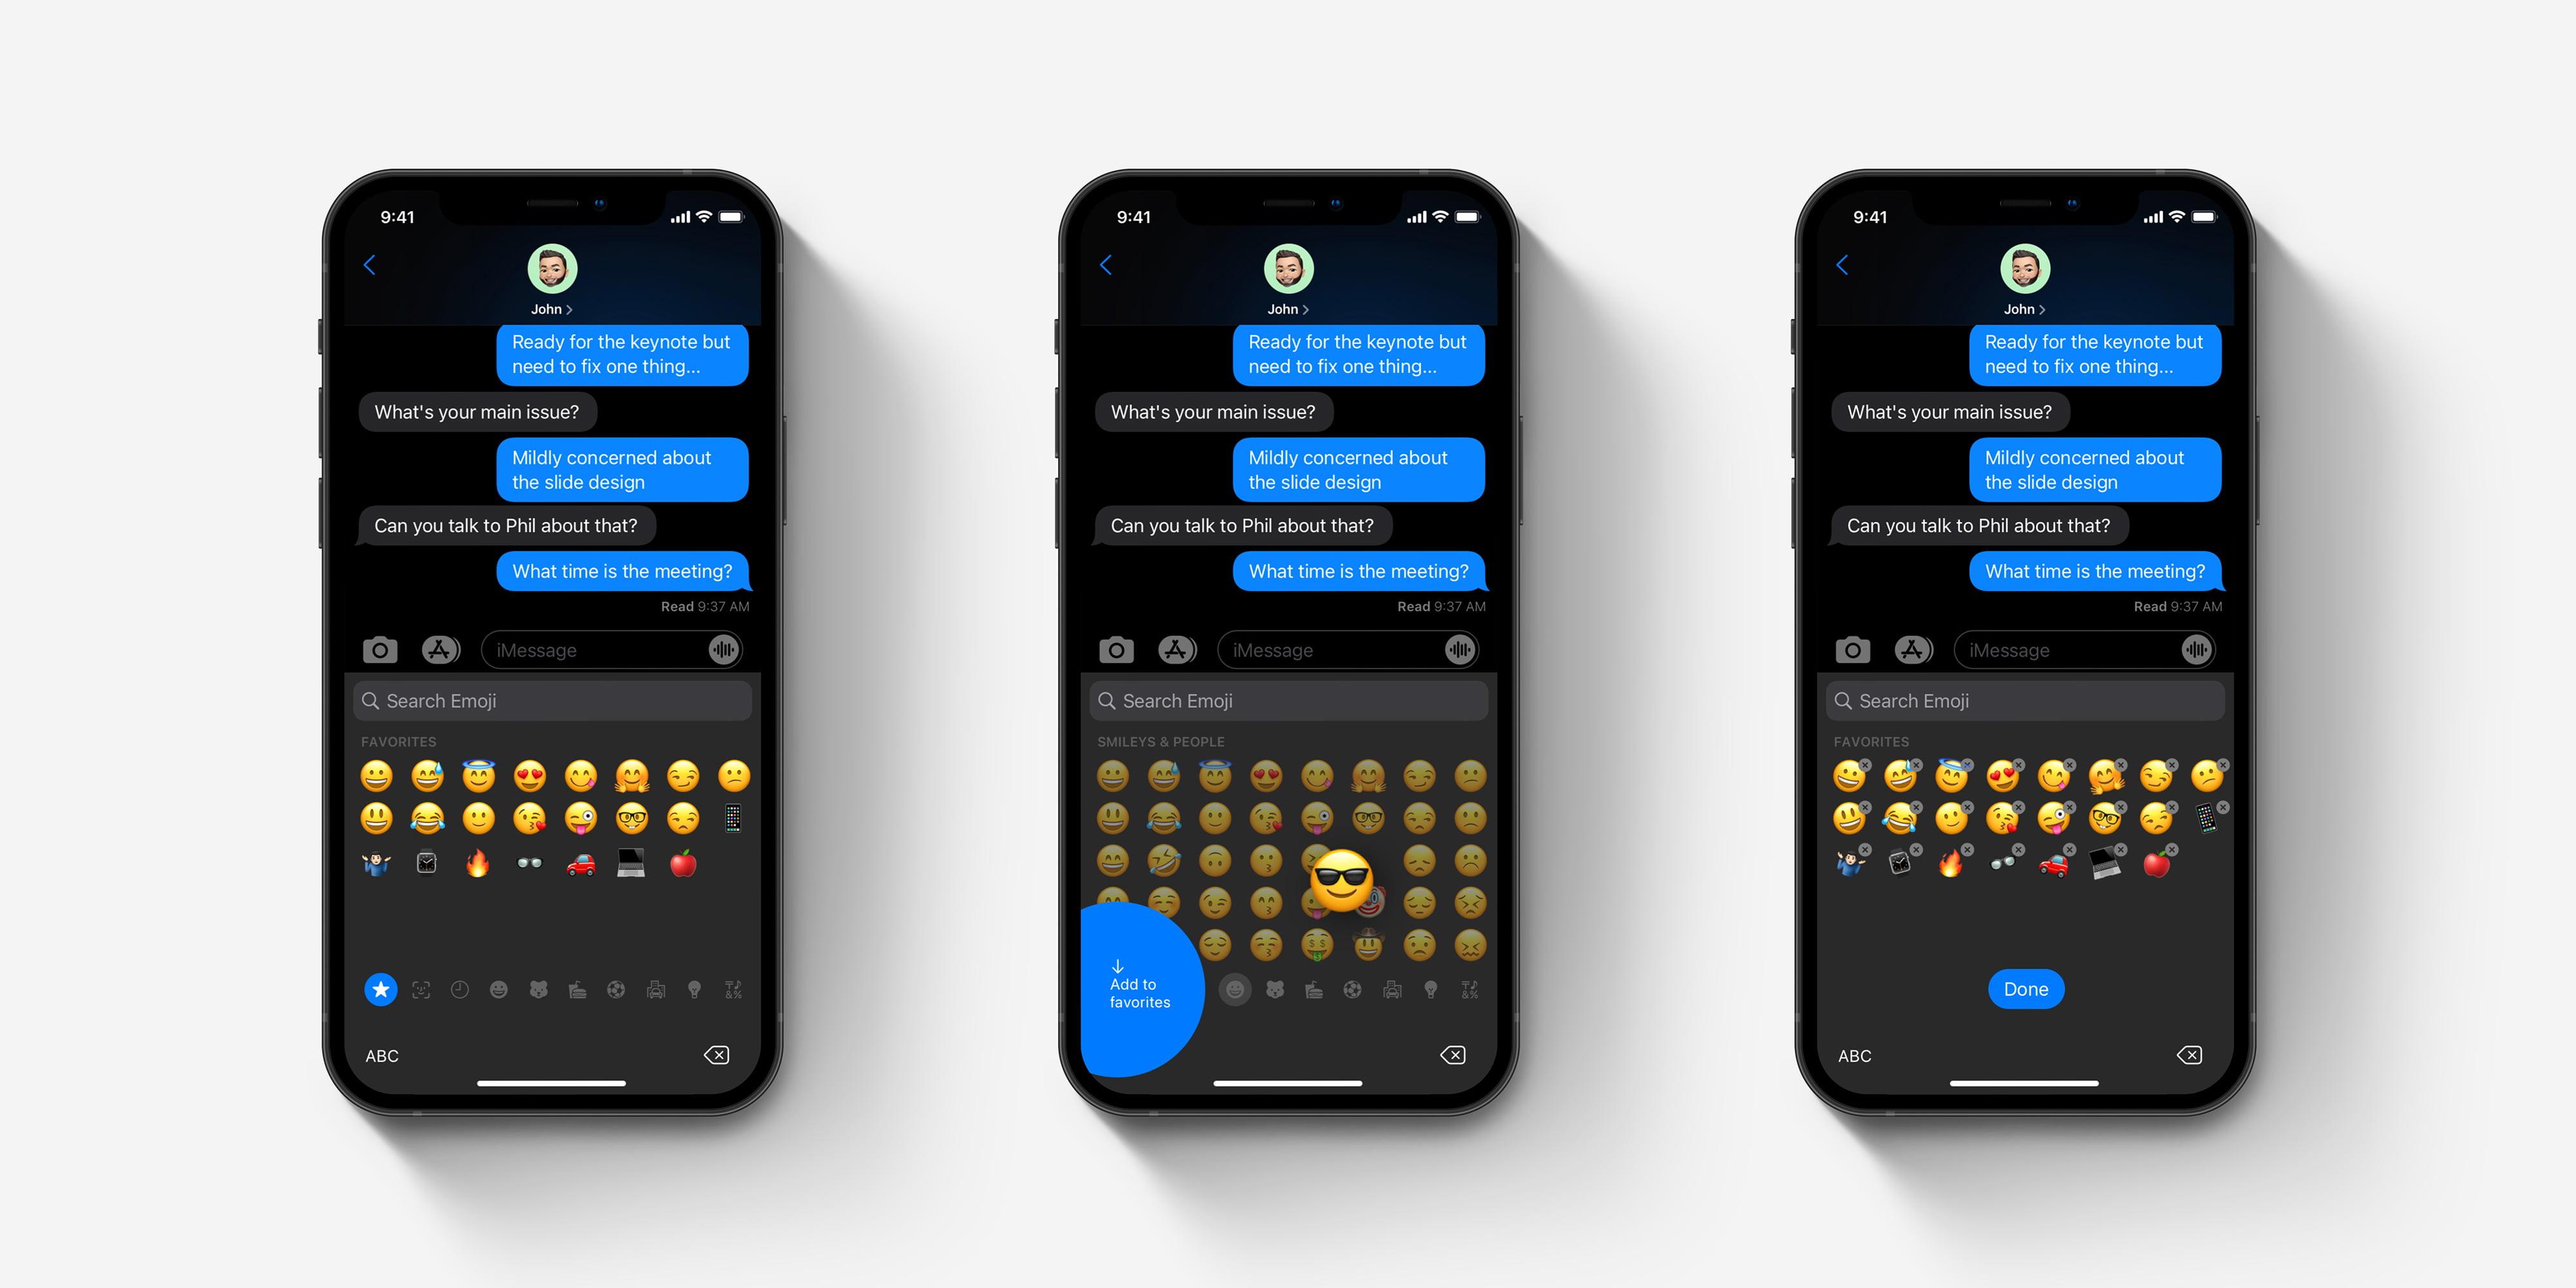 descripción general del concepto de favoritos del teclado emoji de iOS